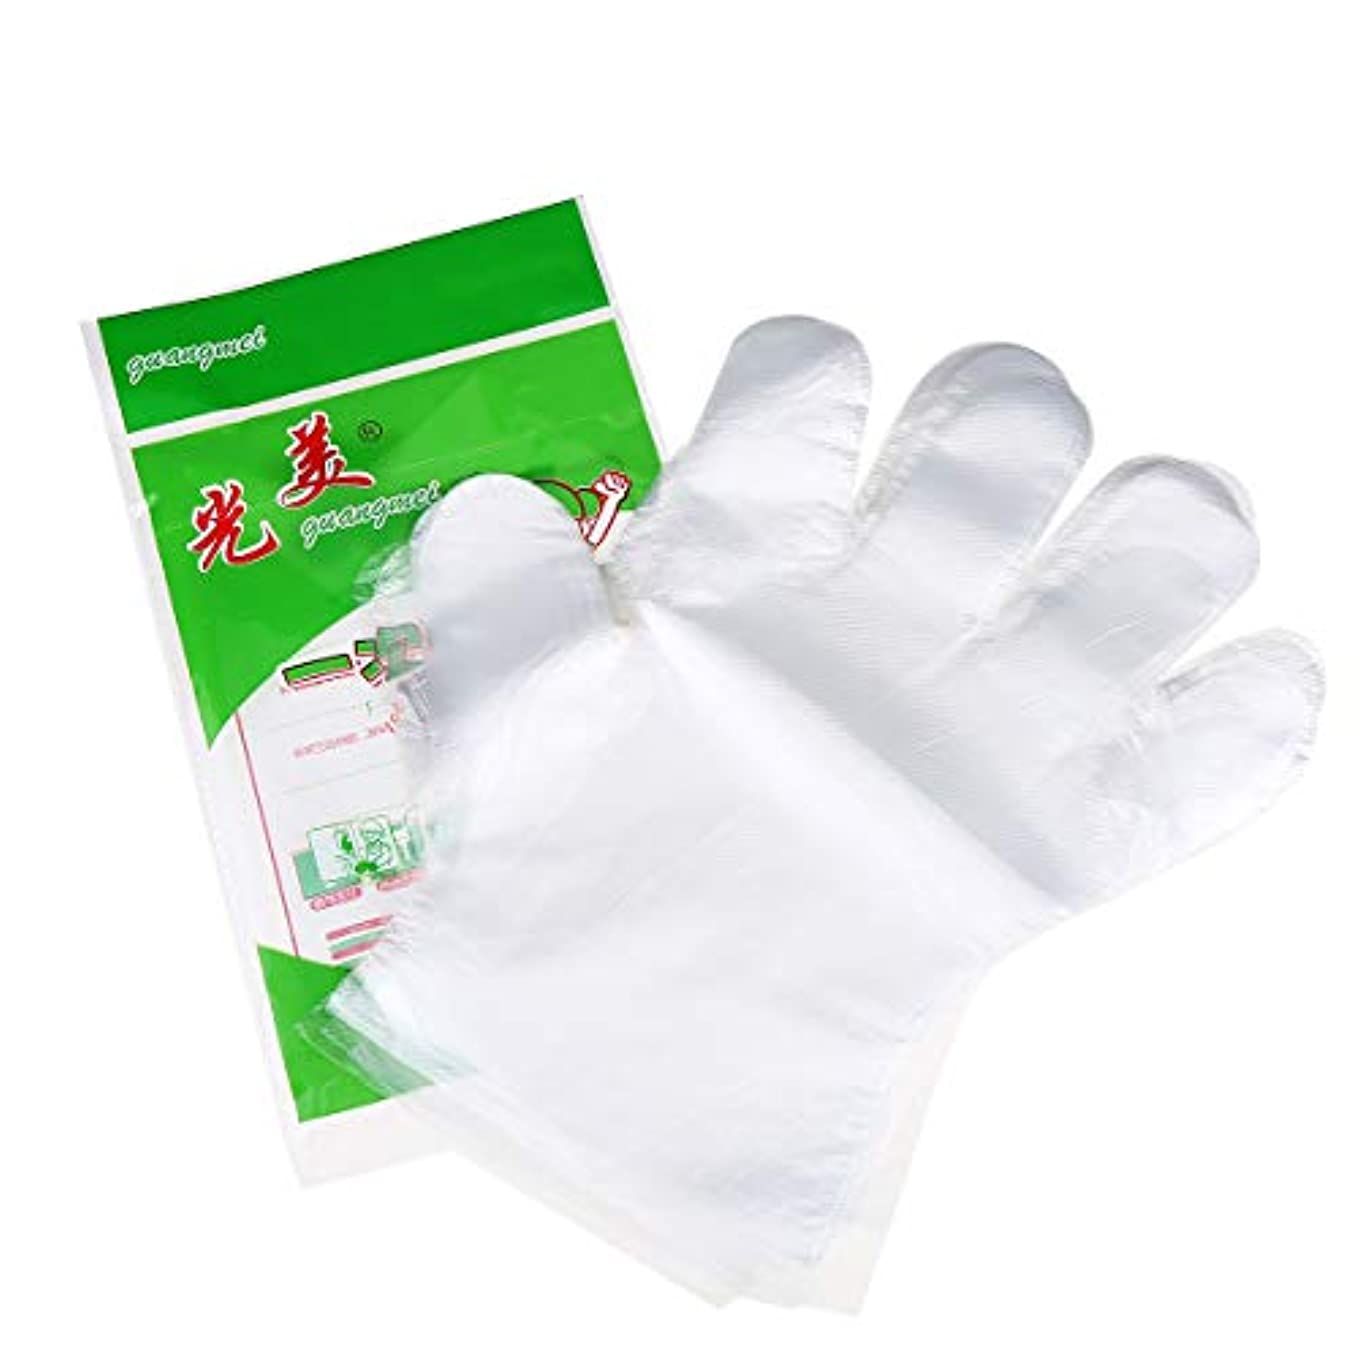 組み立てるベンチャーシンボルCCINEE 使い捨て手袋 極薄ビニール手袋 ポリエチレン 透明 実用 衛生 100枚セット極薄手袋 調理に?お掃除に?毛染めに